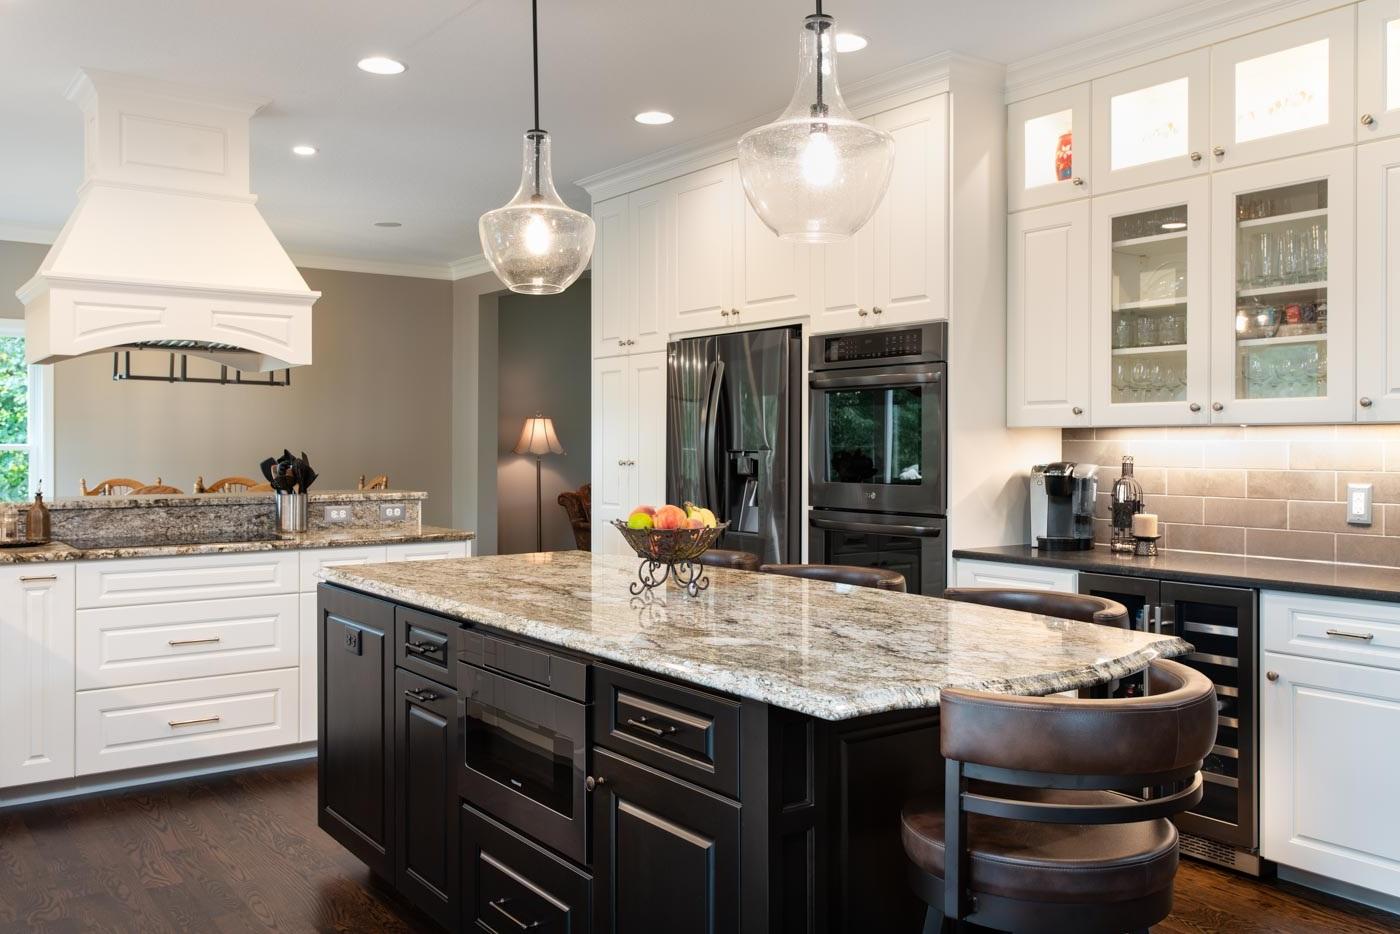 Cuisine classique avec des comptoirs en marbre.